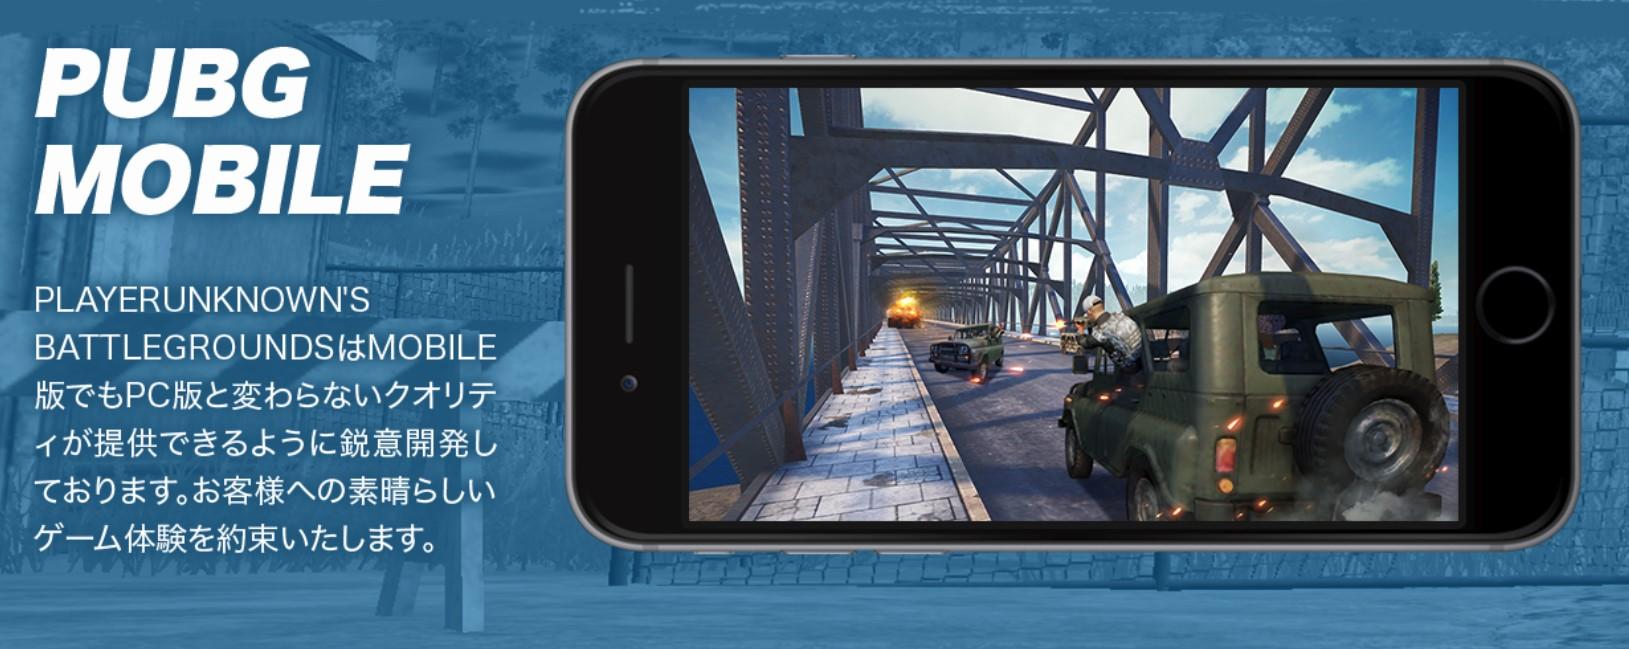 Pubg Mobile Hdr Iphone 6s: 3年前の格安スマホでも『PUBG MOBILE』が遊べるのか試してみた